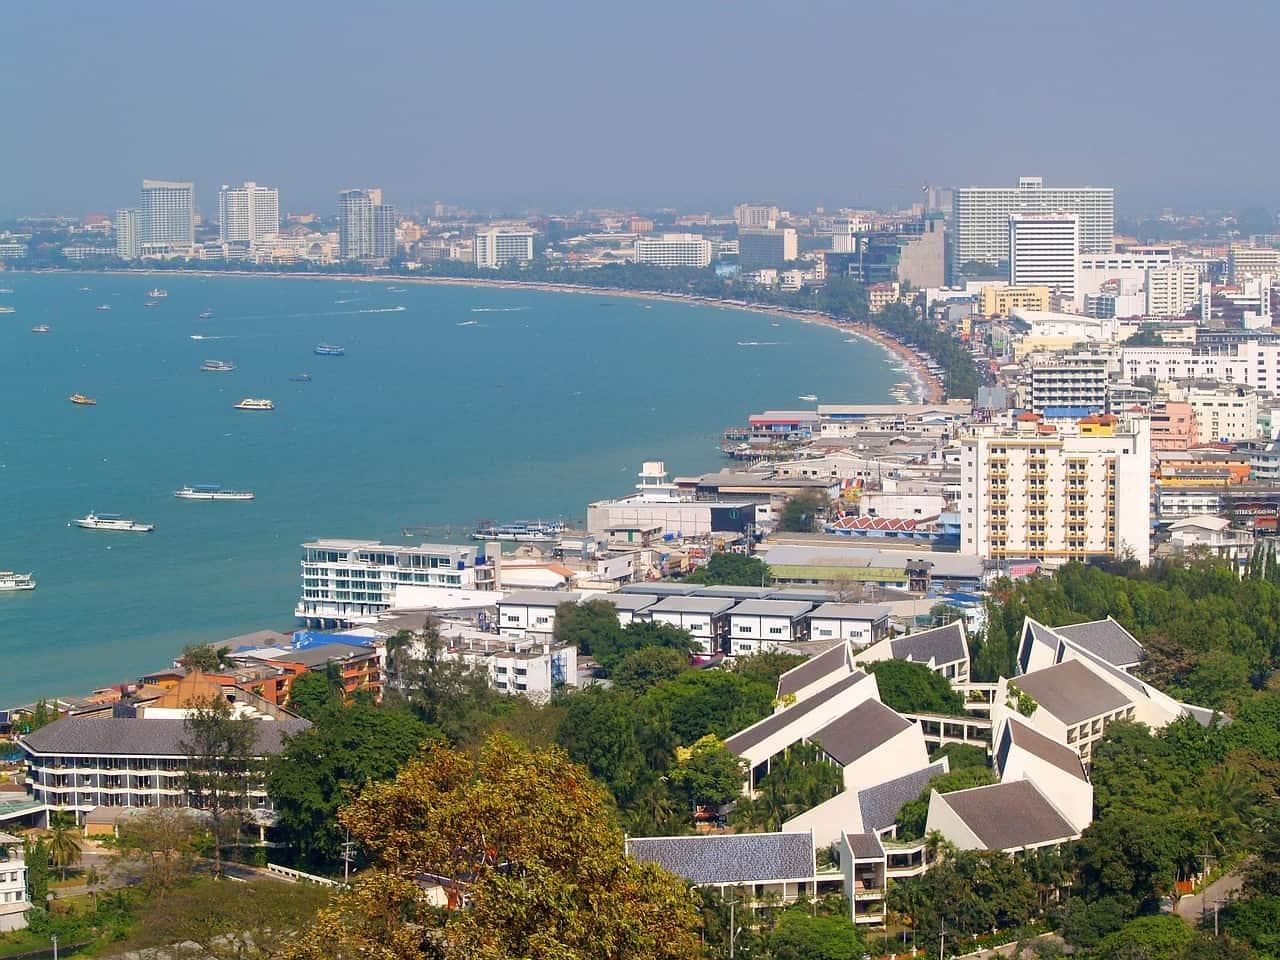 Strandpromenade Pattaya Thailand